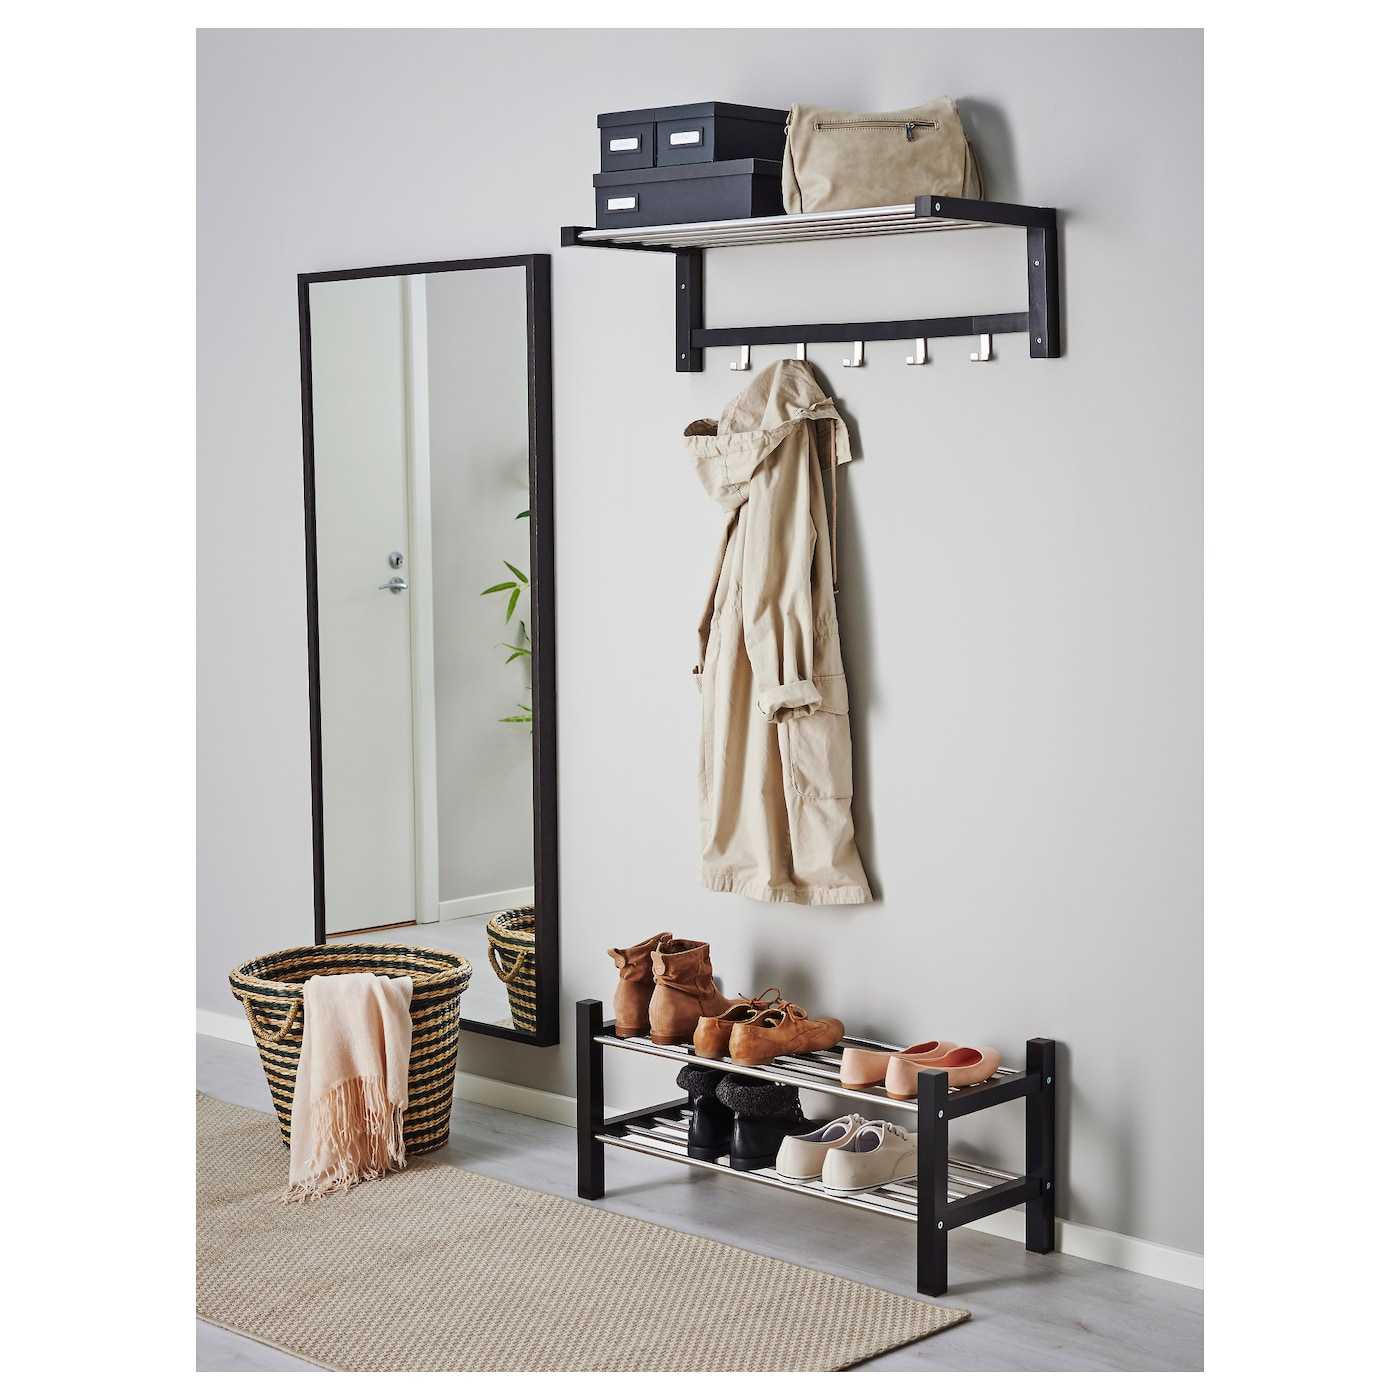 Ikea Tjusig Hat Rack